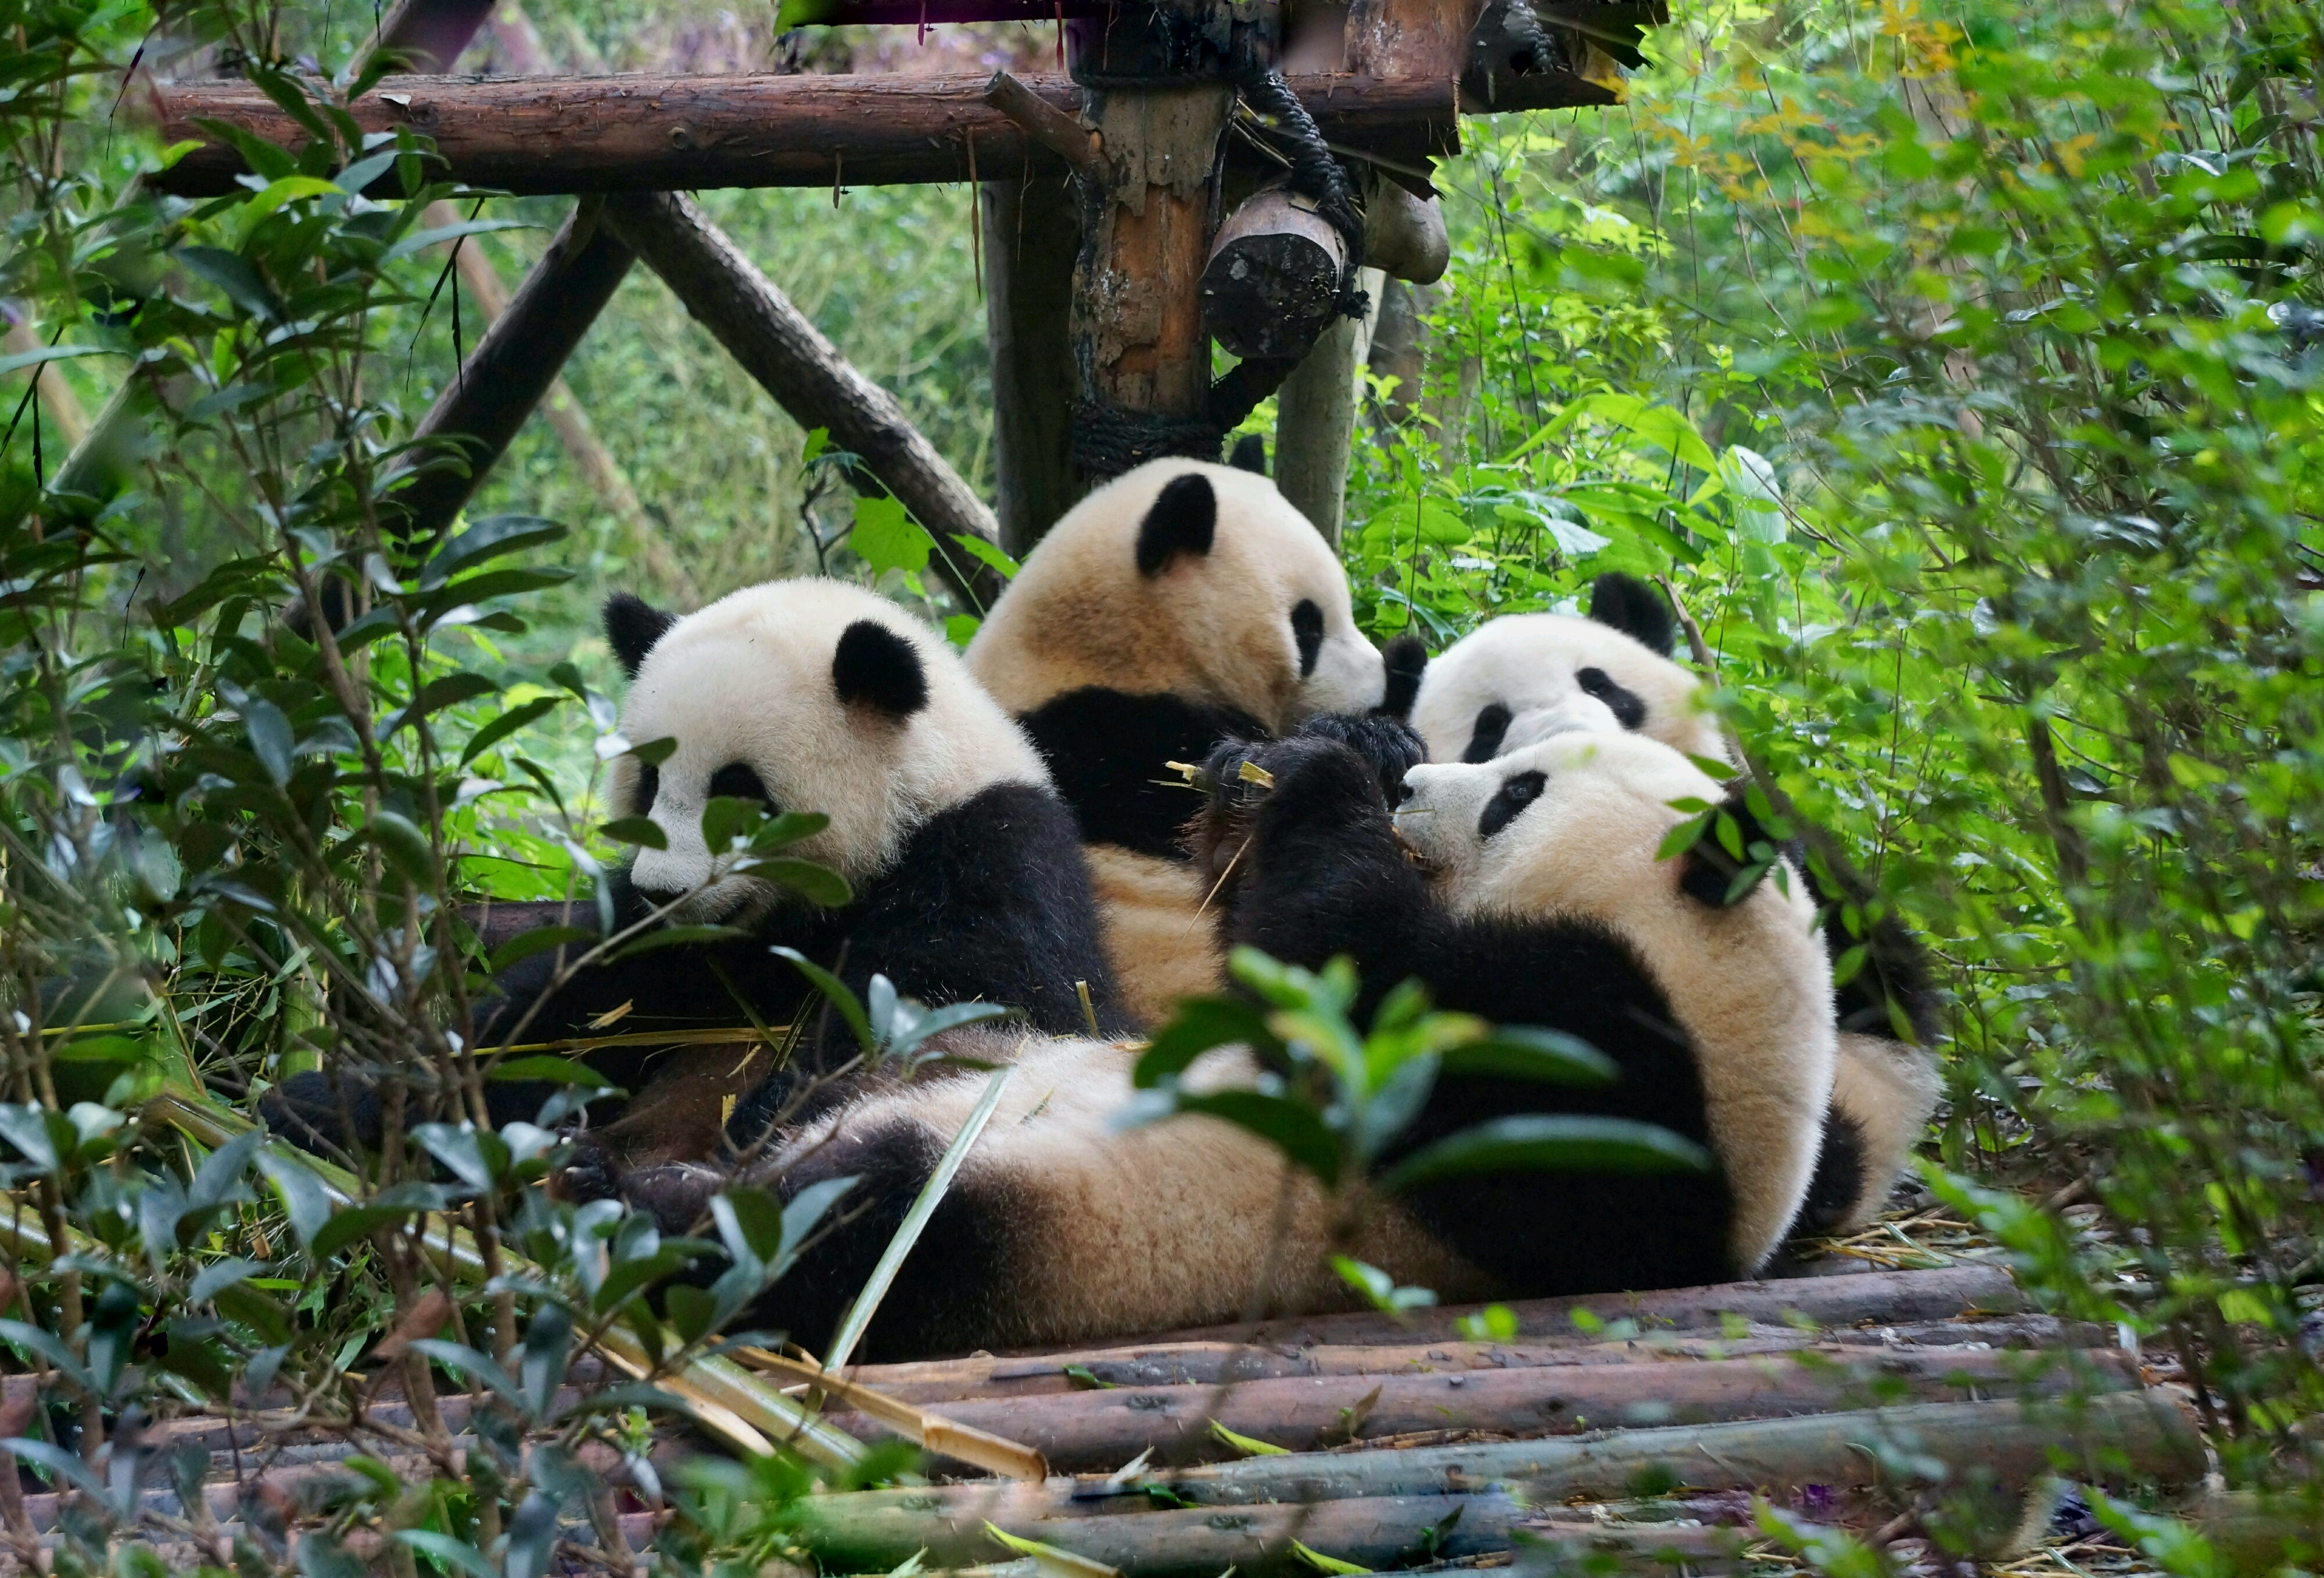 China ChengDu Panda Center